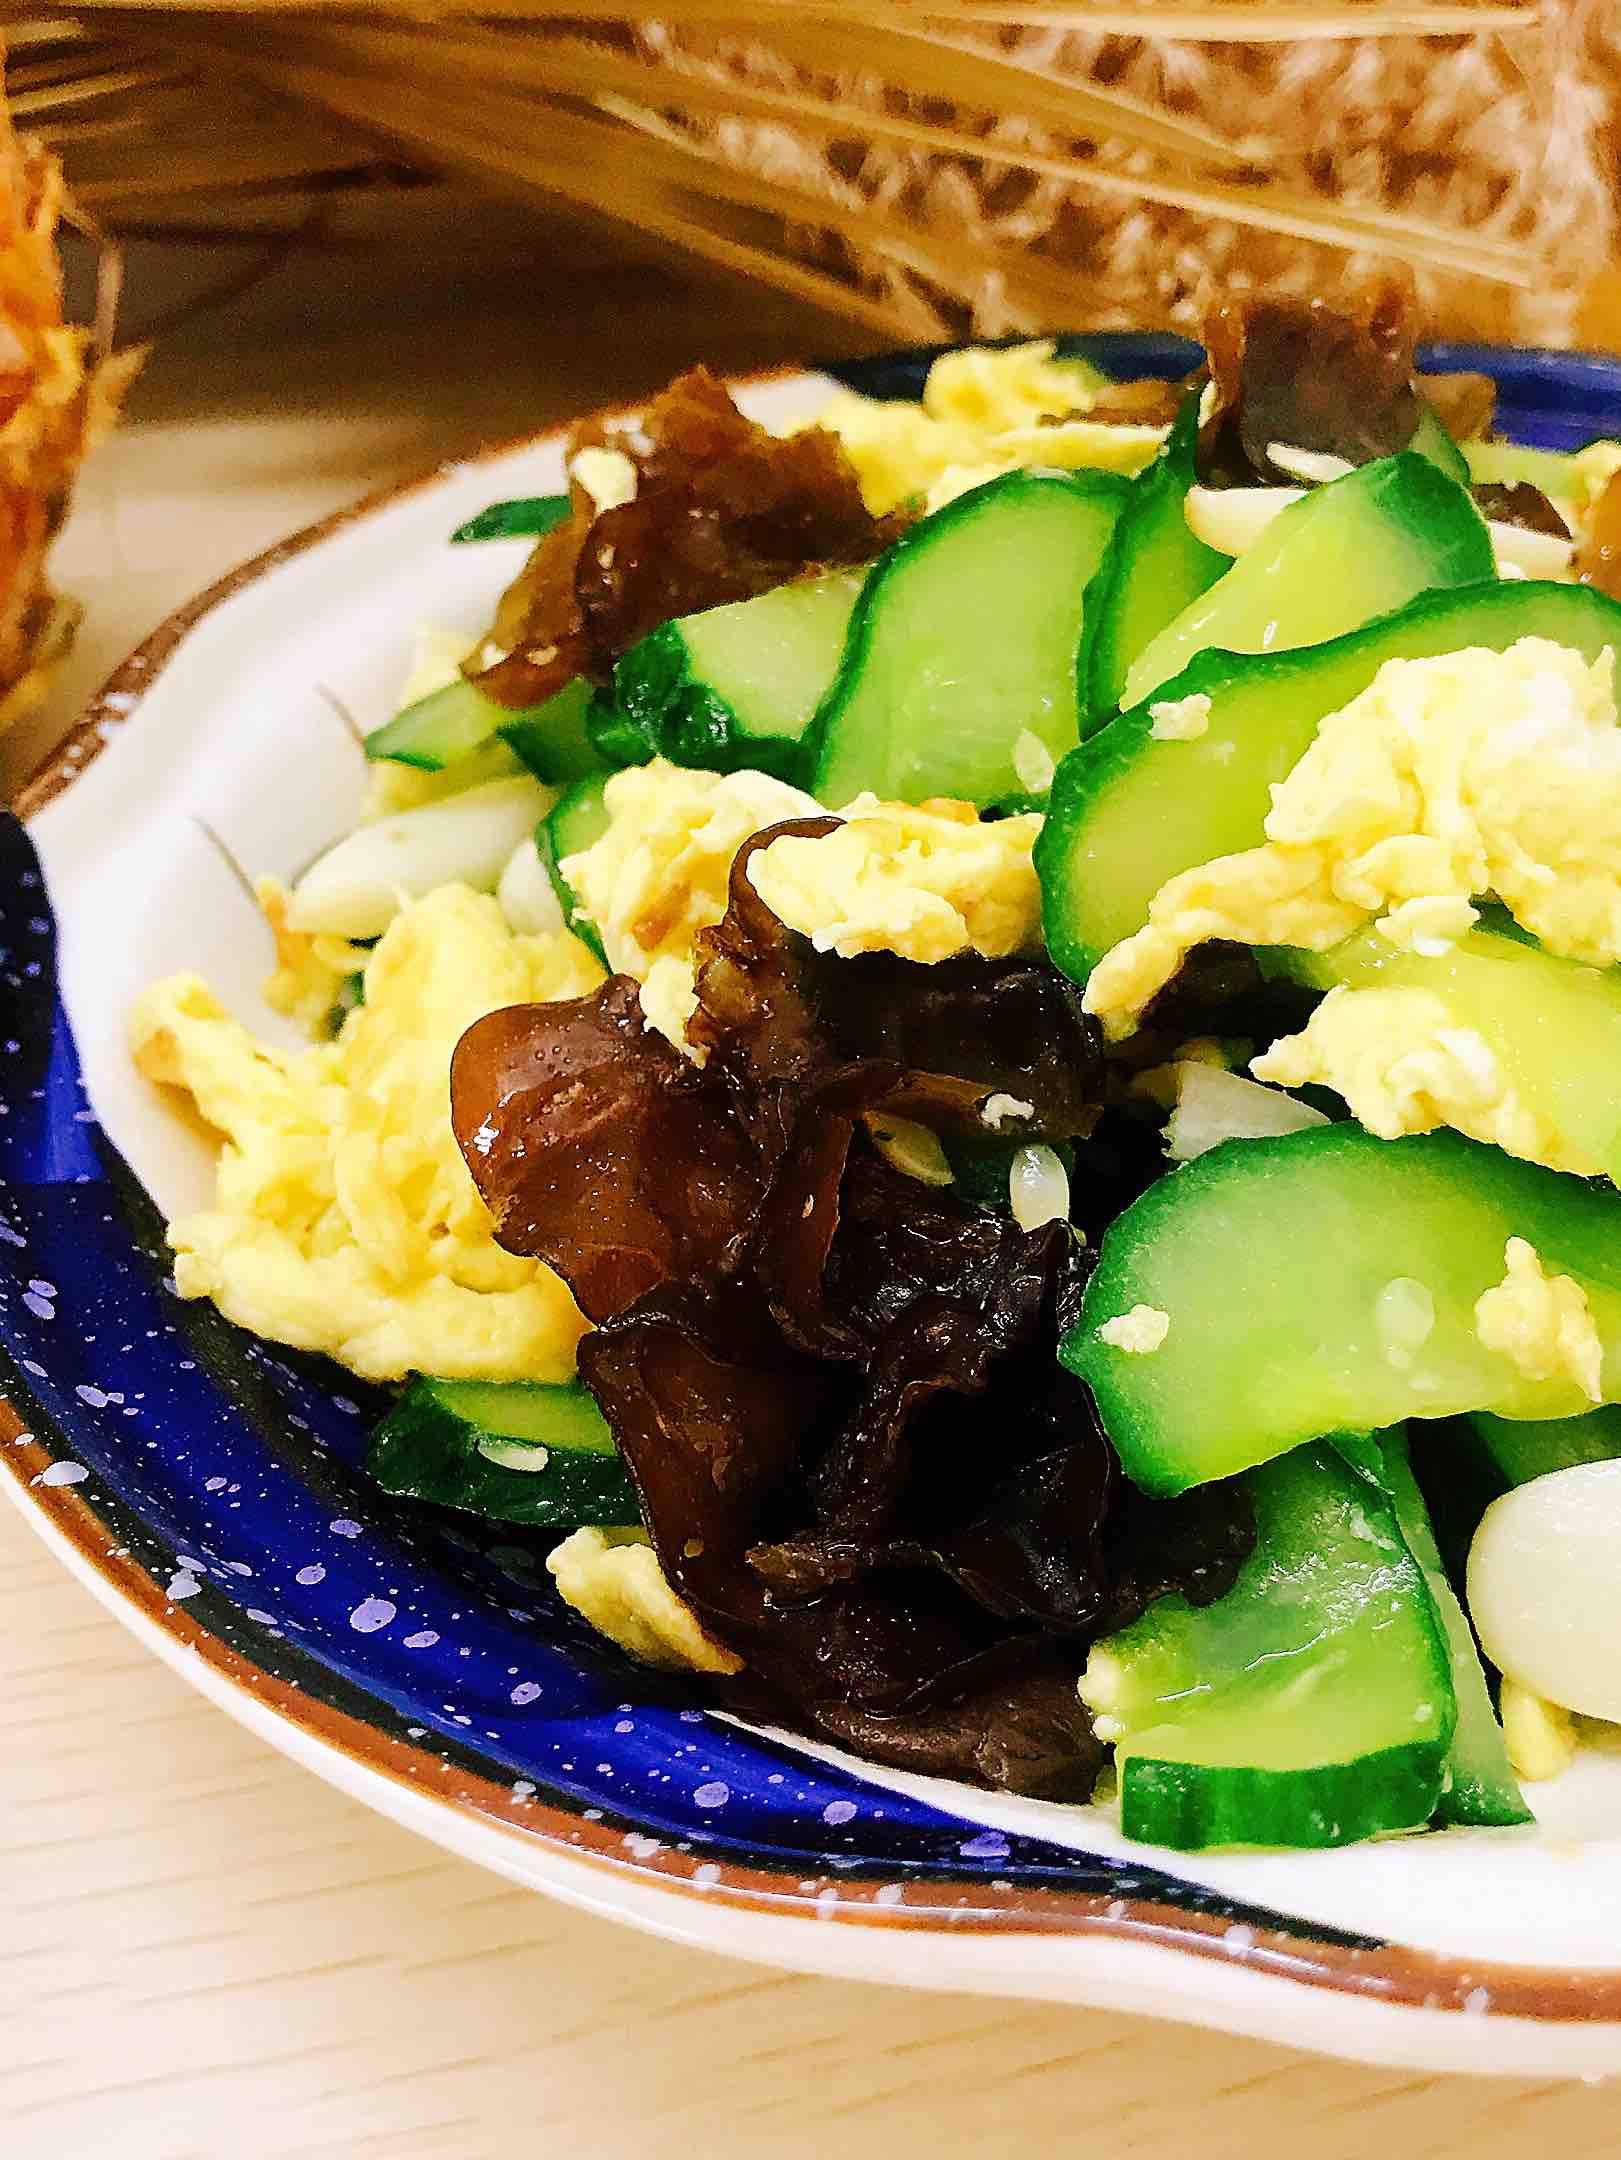 木耳黄瓜炒鸡蛋